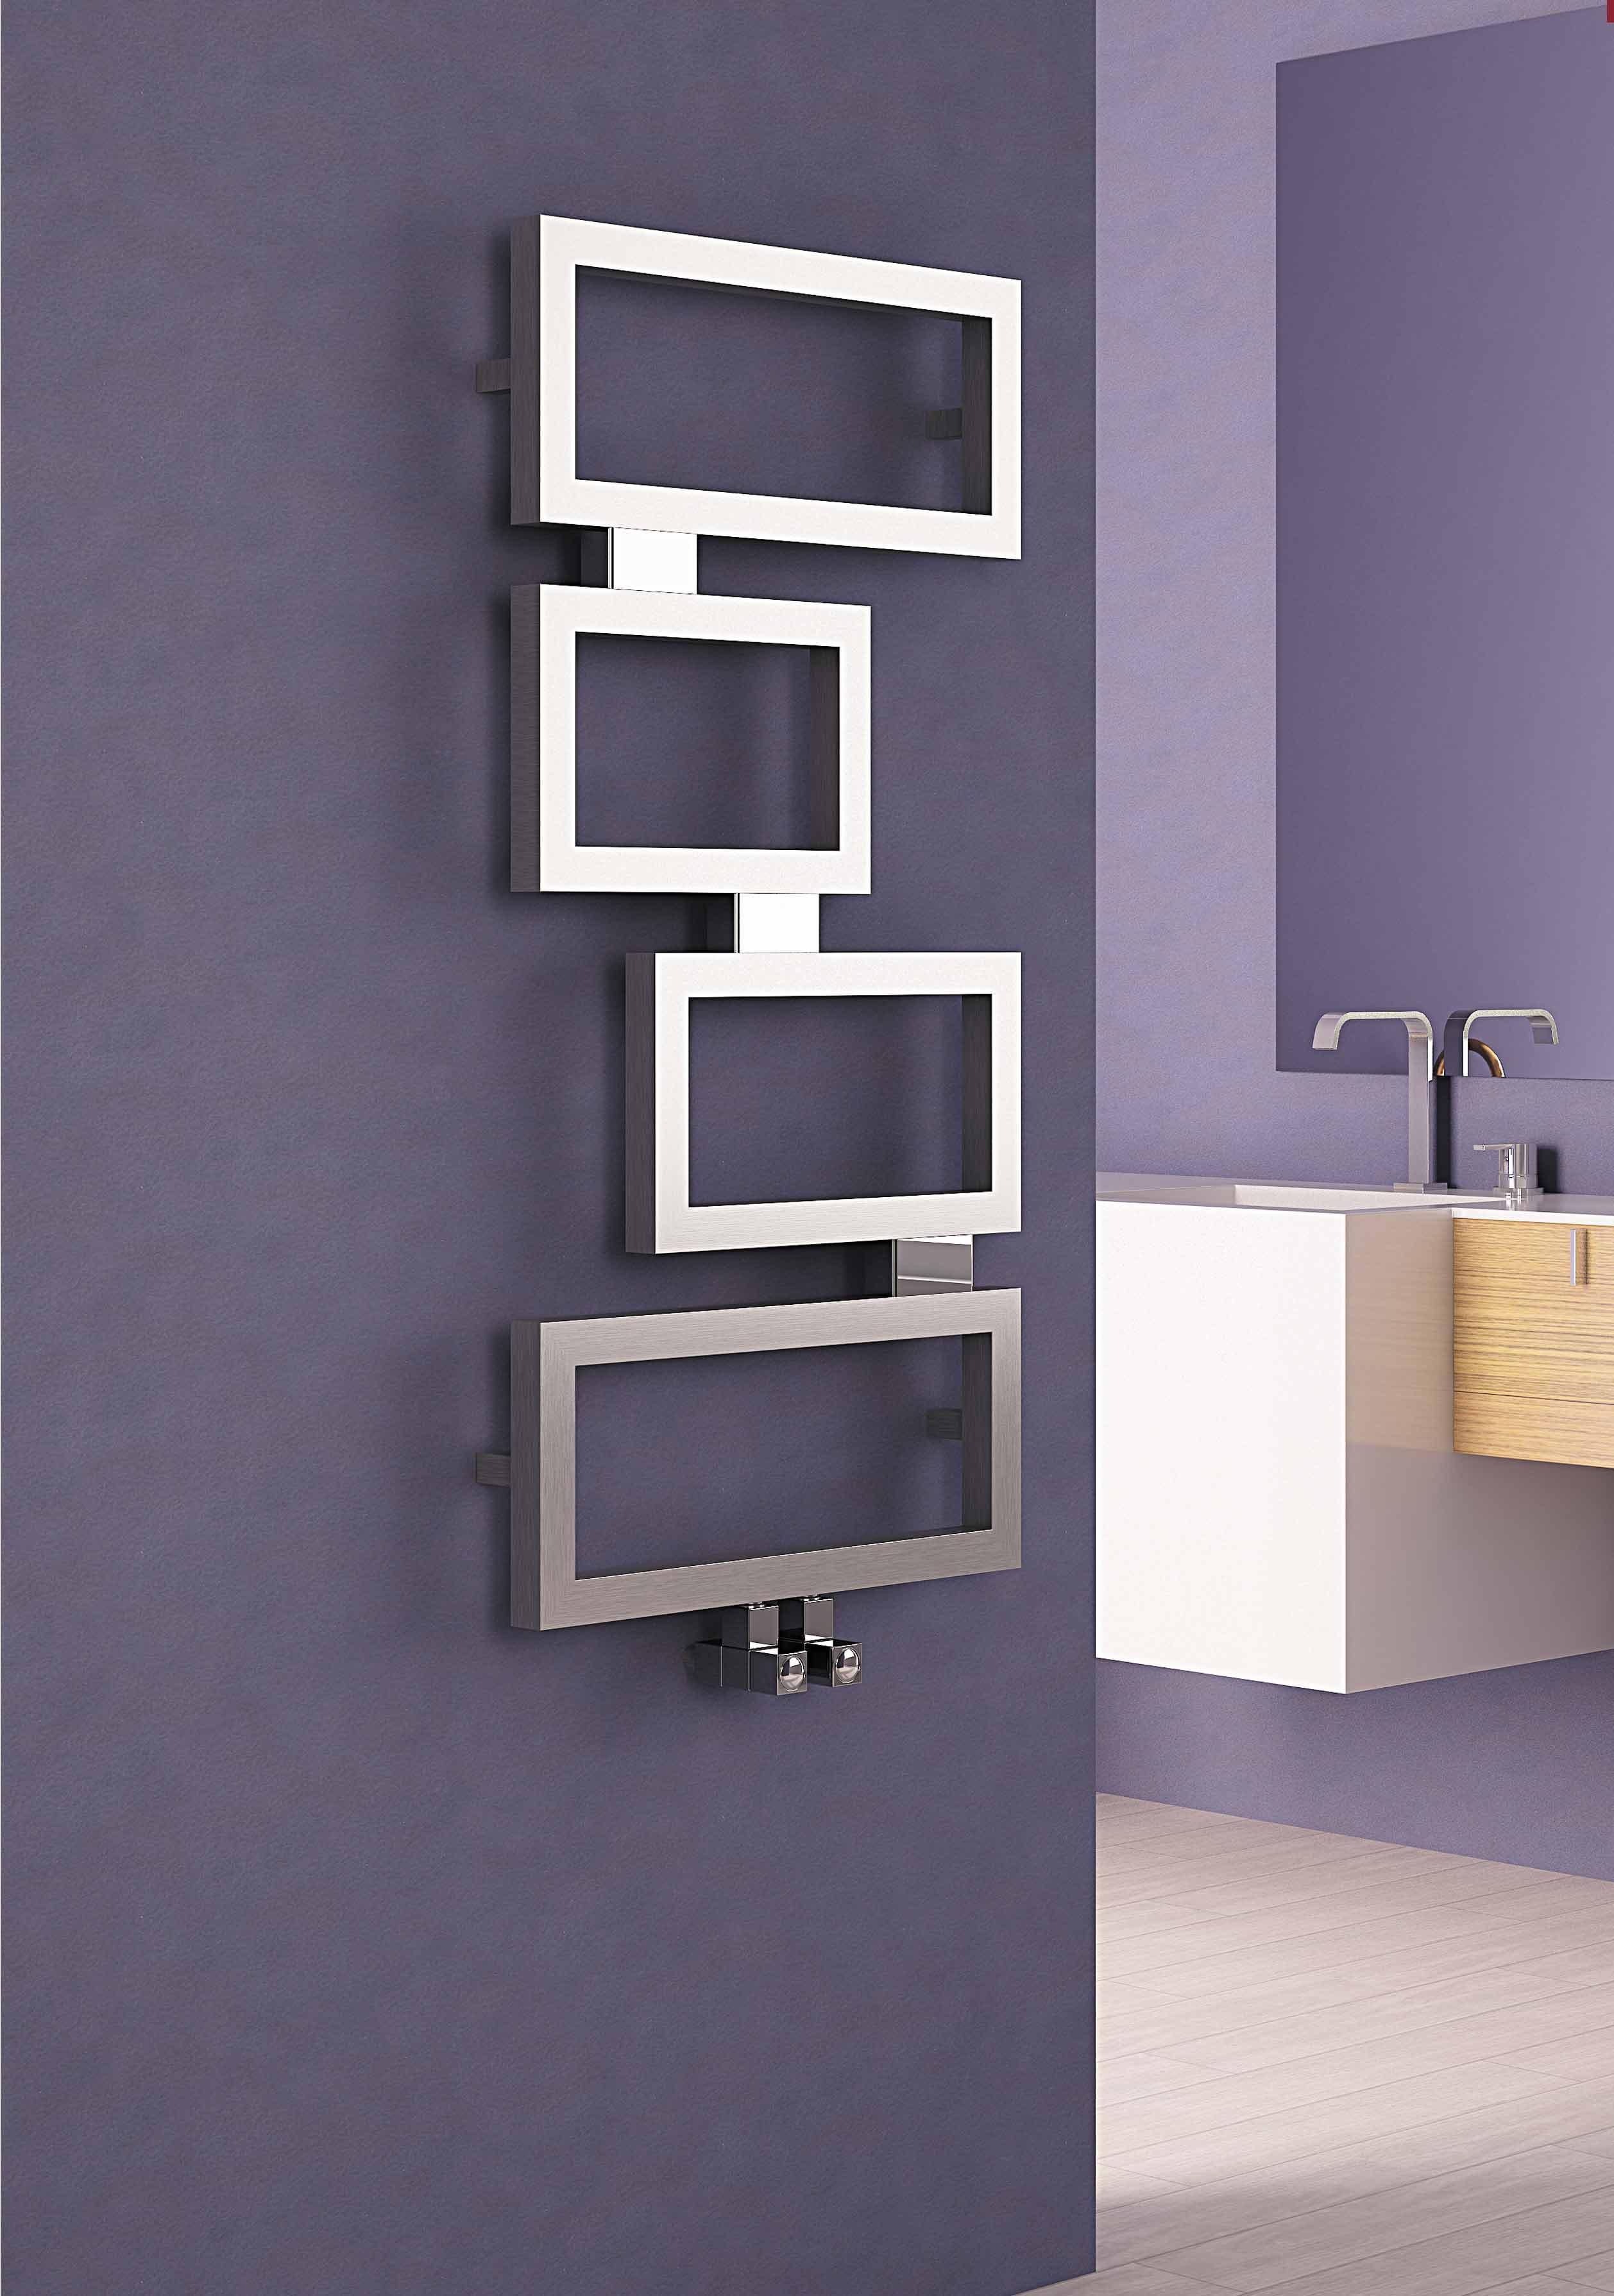 carisa-designer-towel-rails-the-designer-radiator-company